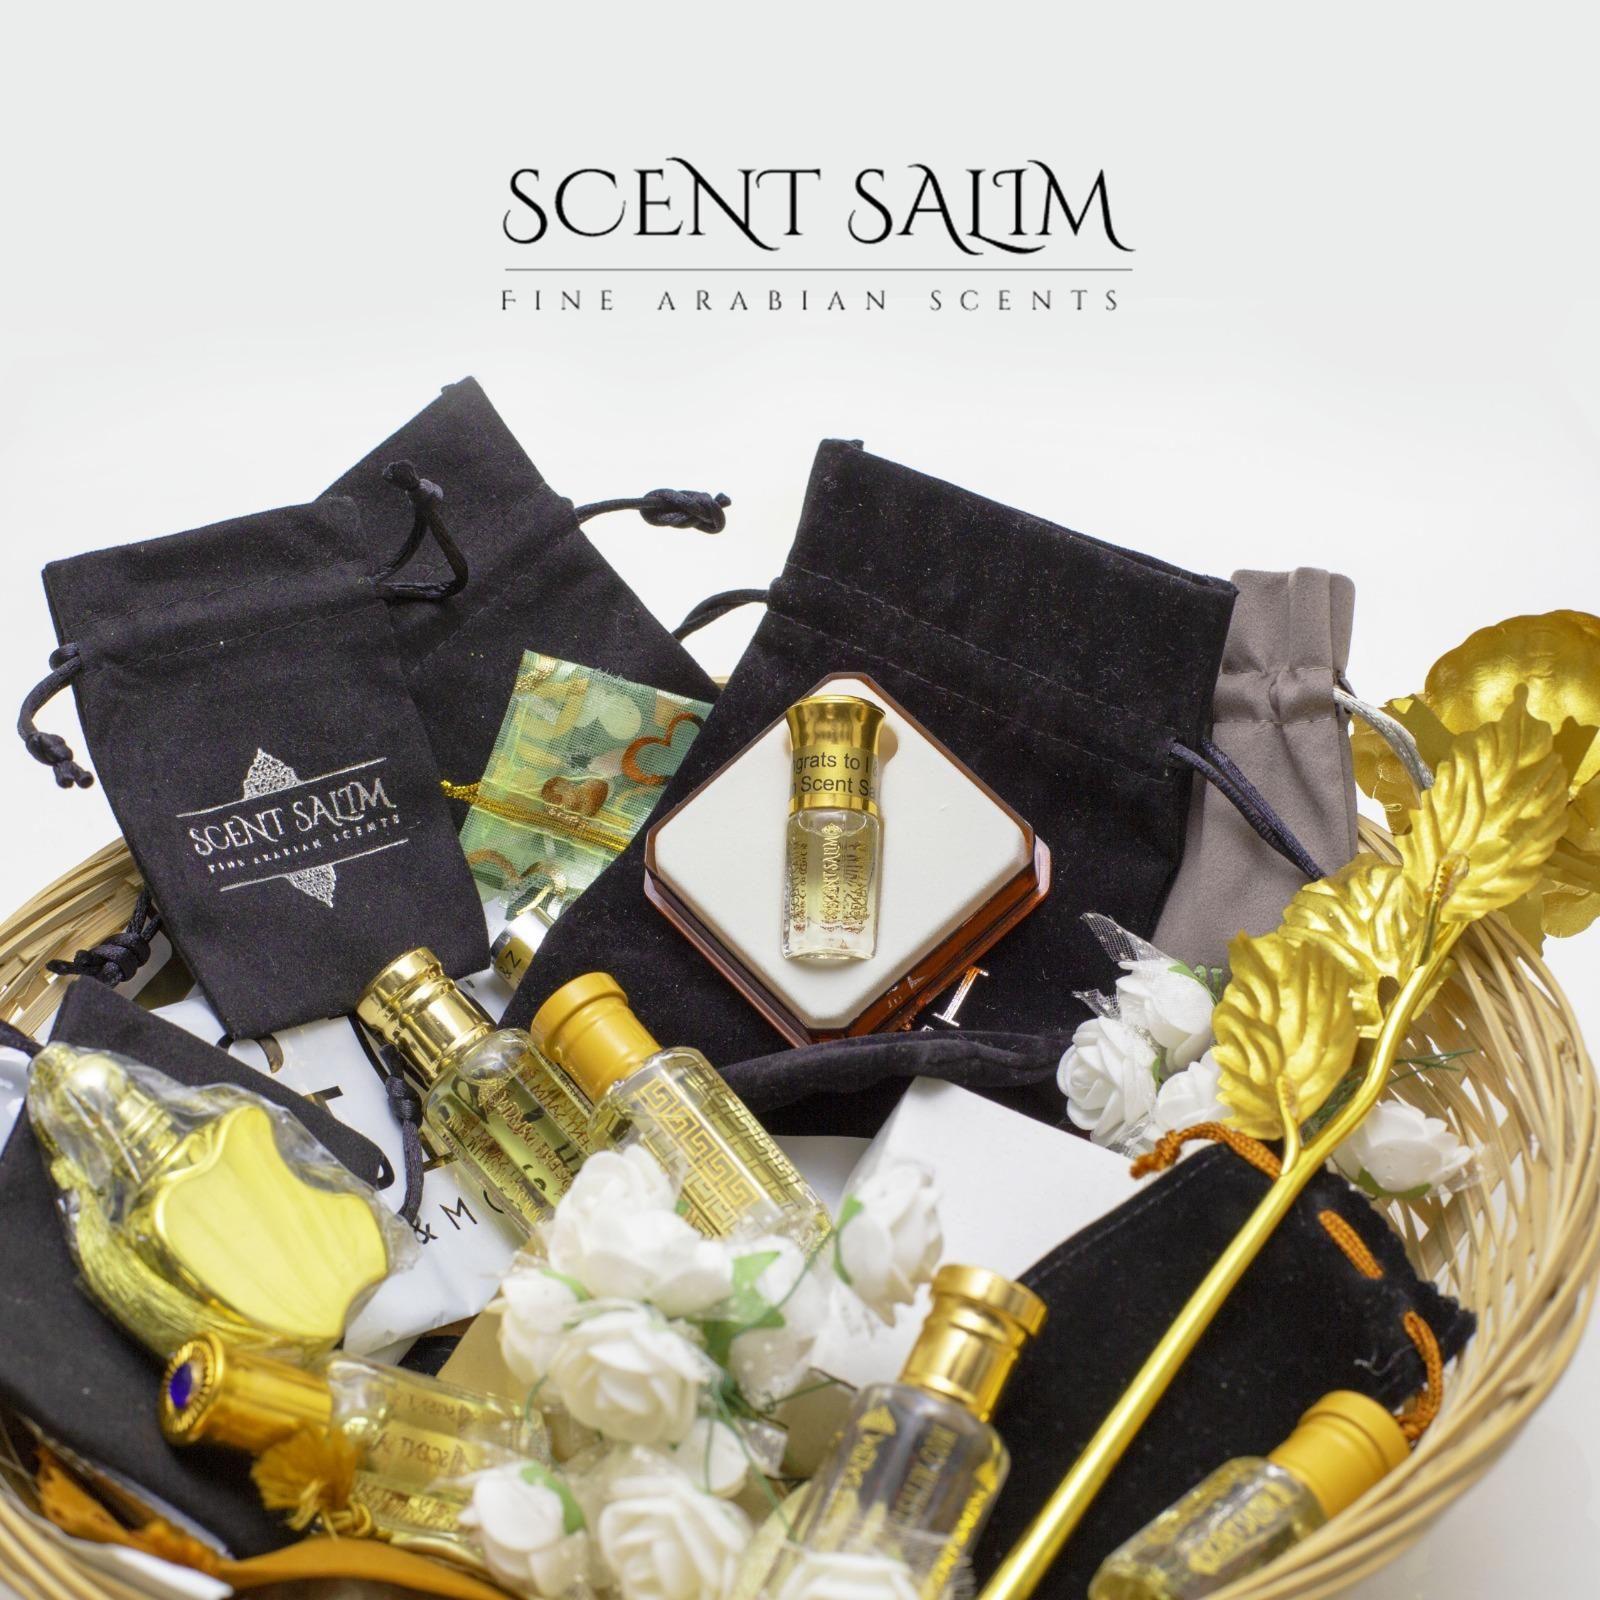 Scent Salim